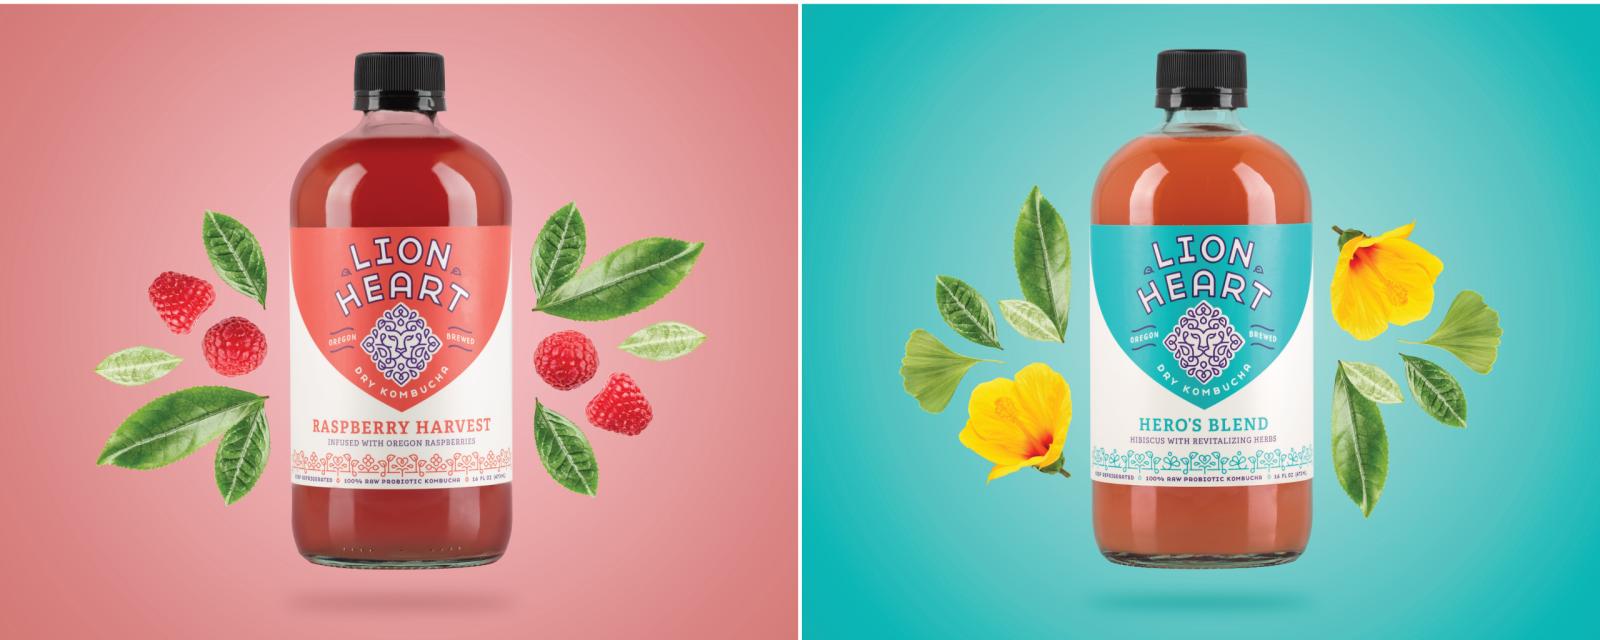 Lion Heart Kombucha Packaging Design